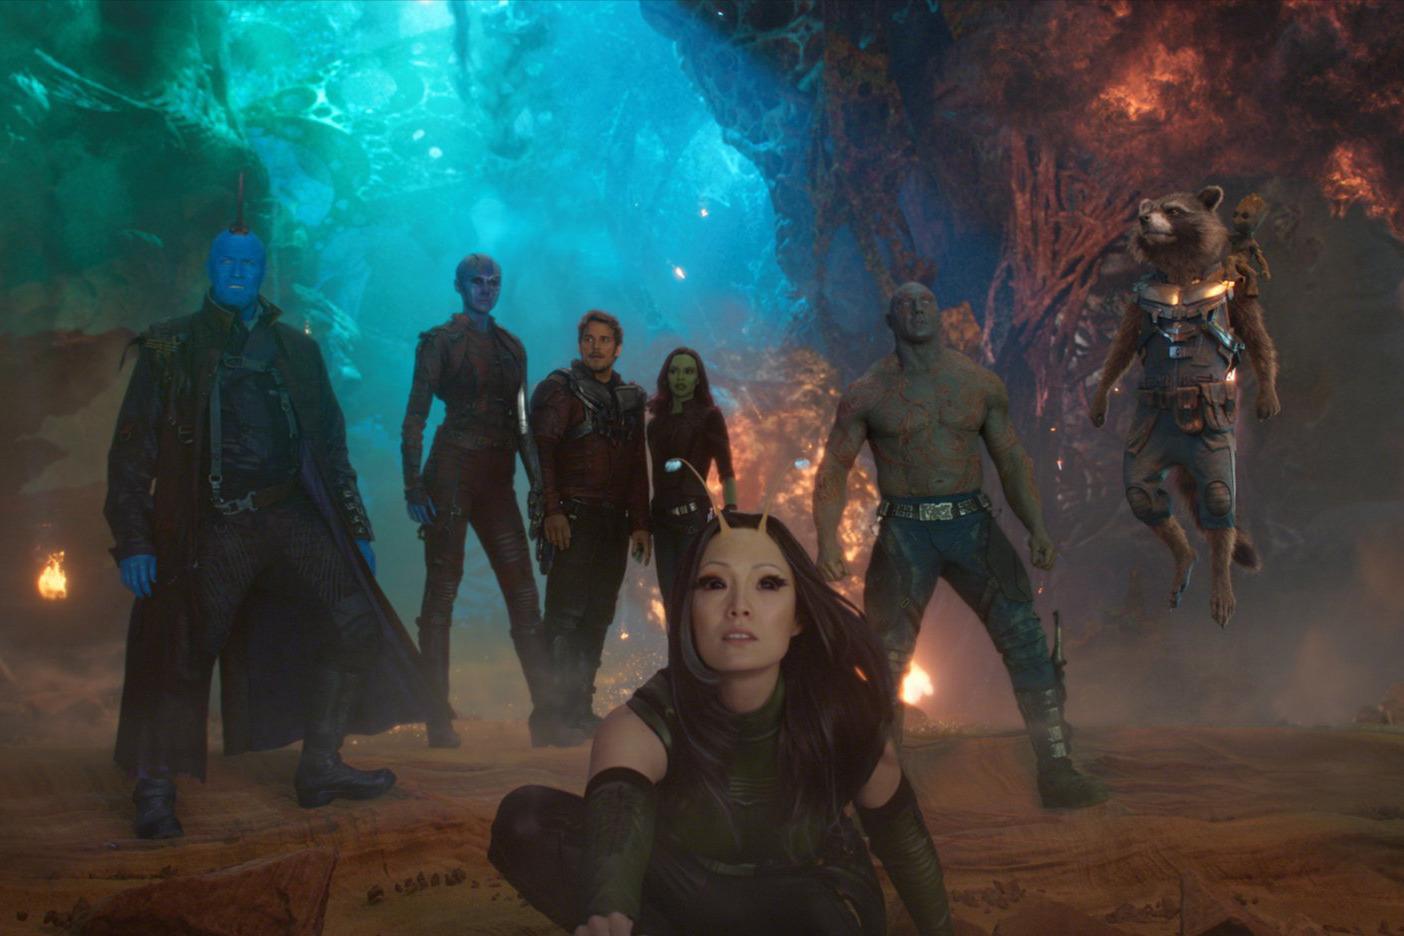 Así logra Marvel no sufrir filtraciones de sus películas